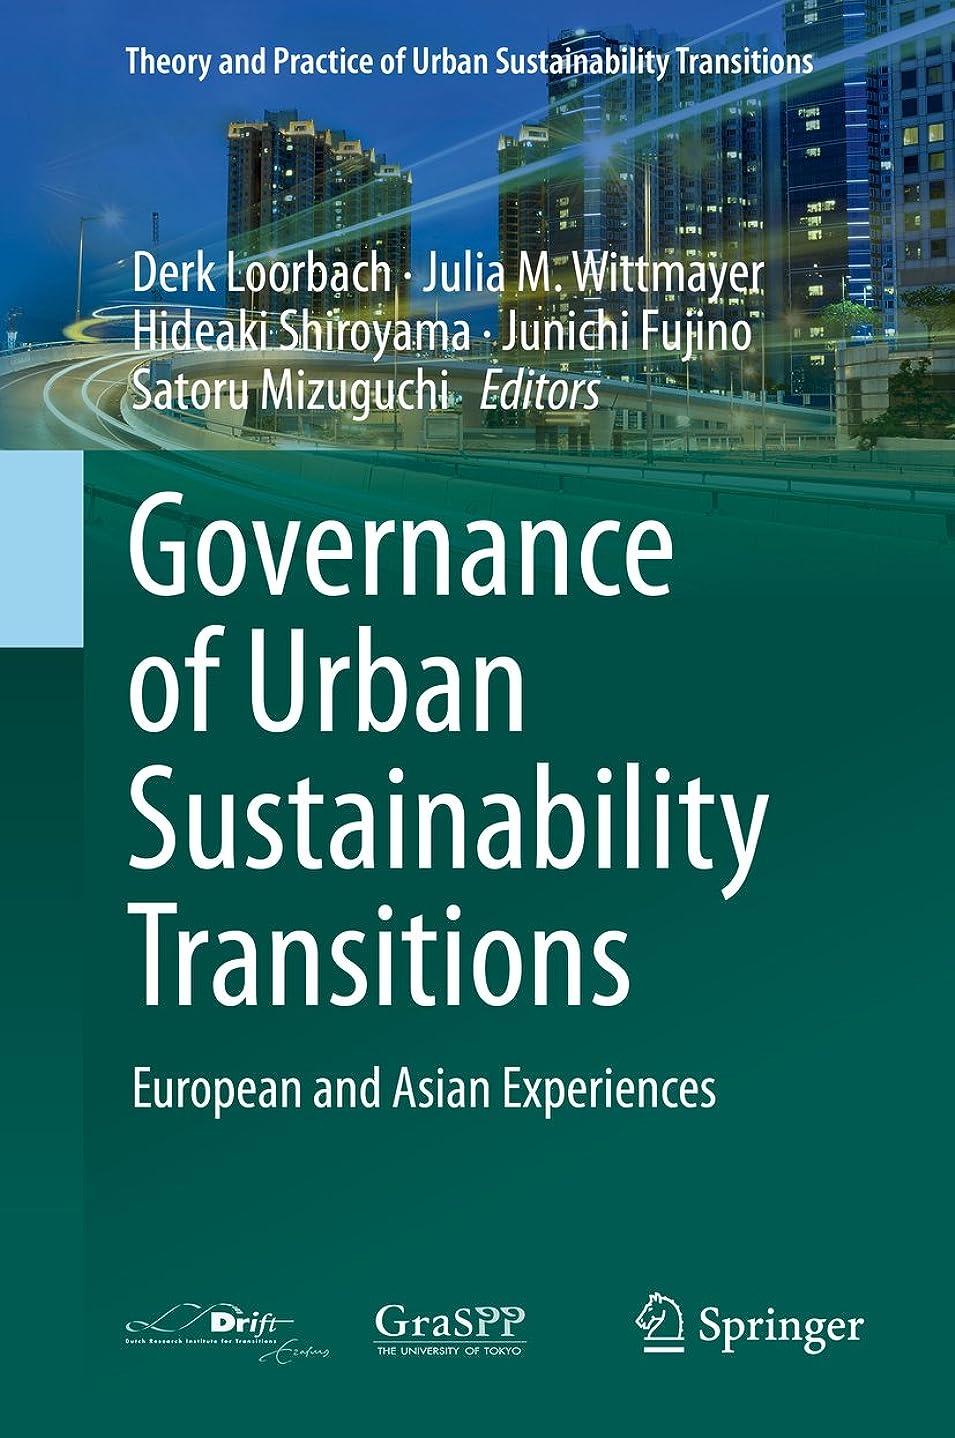 苦しむ糸チロGovernance of Urban Sustainability Transitions: European and Asian Experiences (Theory and Practice of Urban Sustainability Transitions) (English Edition)